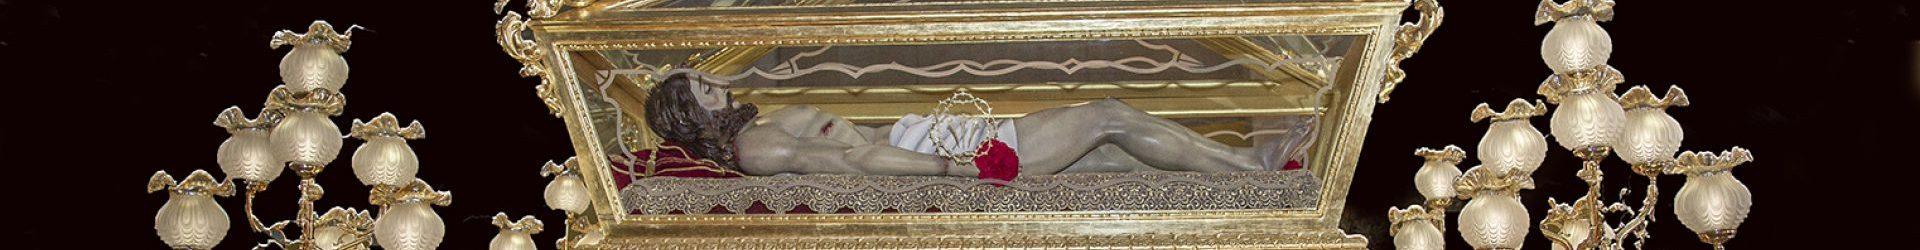 Hermandad del Santo Sepulcro